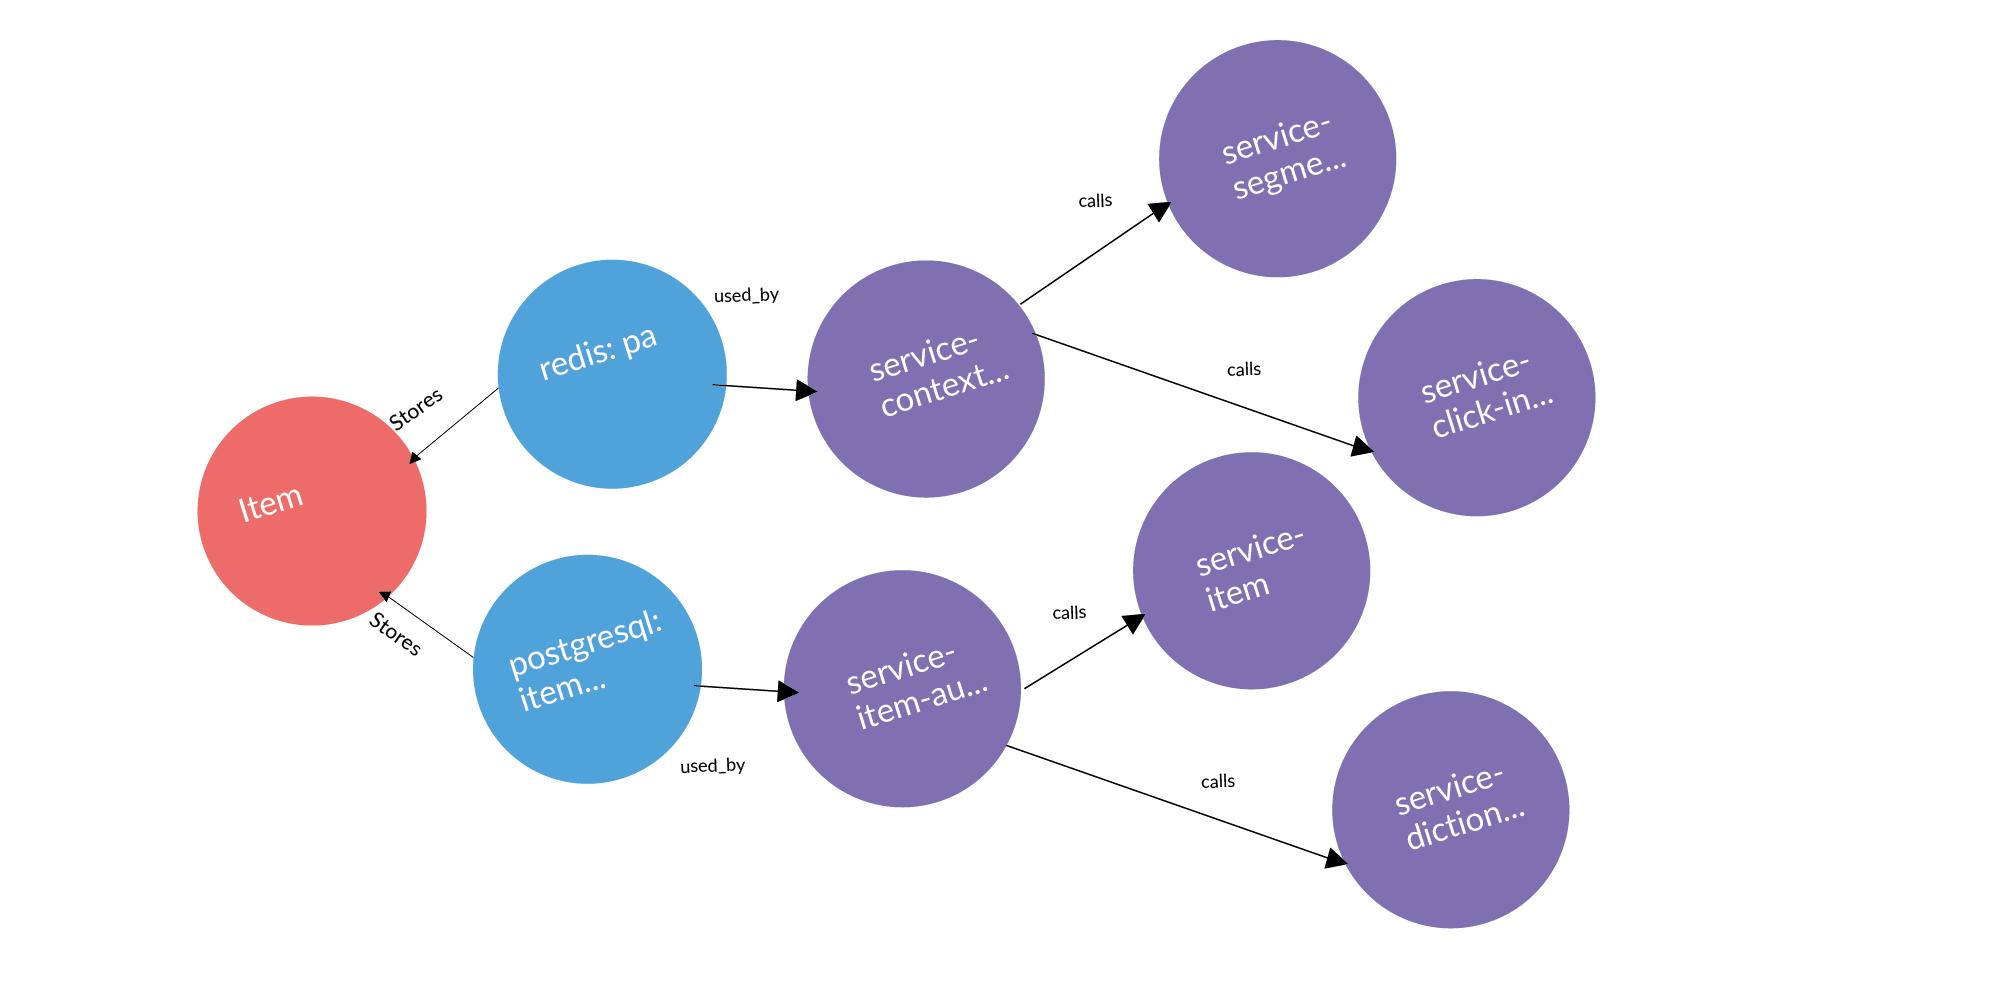 Концепция персистентной ткани для контроля IT-инфраструктуры - 23